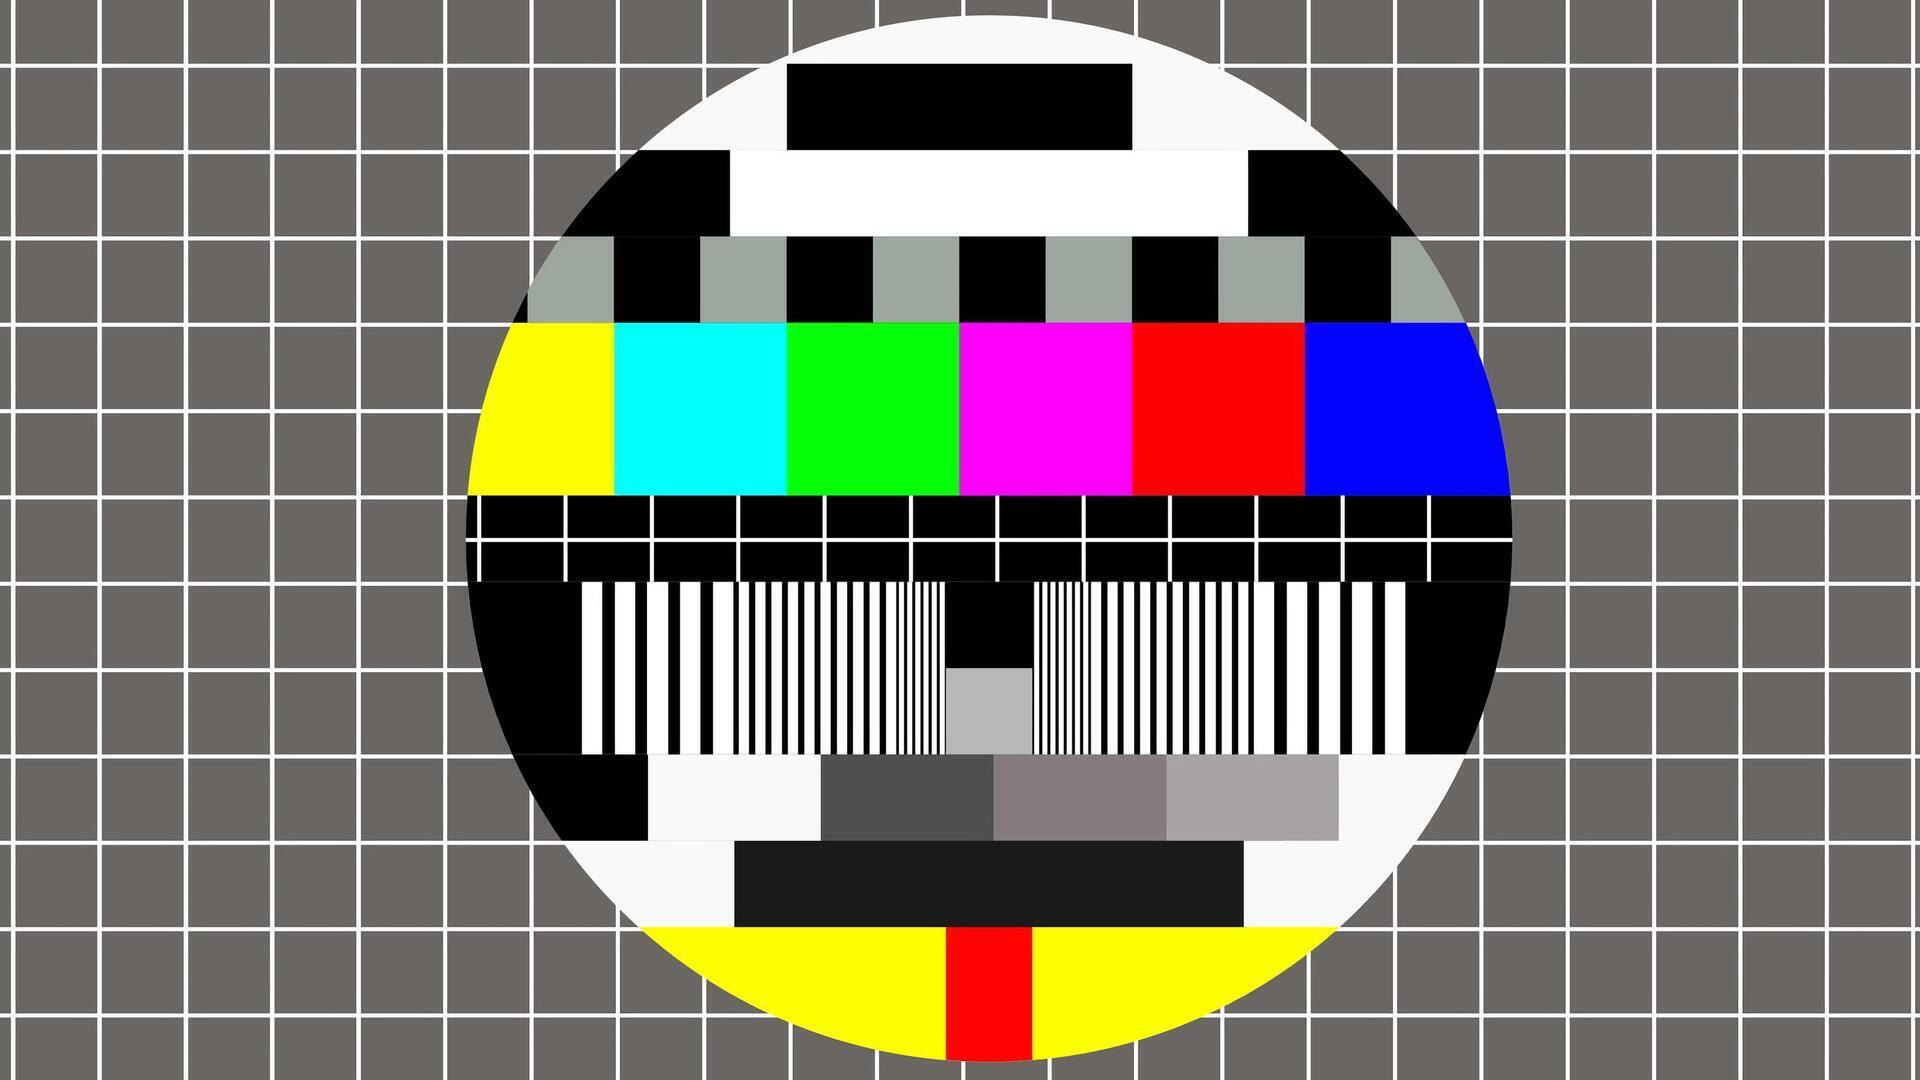 Retrouvez dorénavant Culturebox sur le Canal 14 tous les soirs à partir de 20h10 ! Culturebox, le spectacle continue sur le Canal 14 sur Culturebox